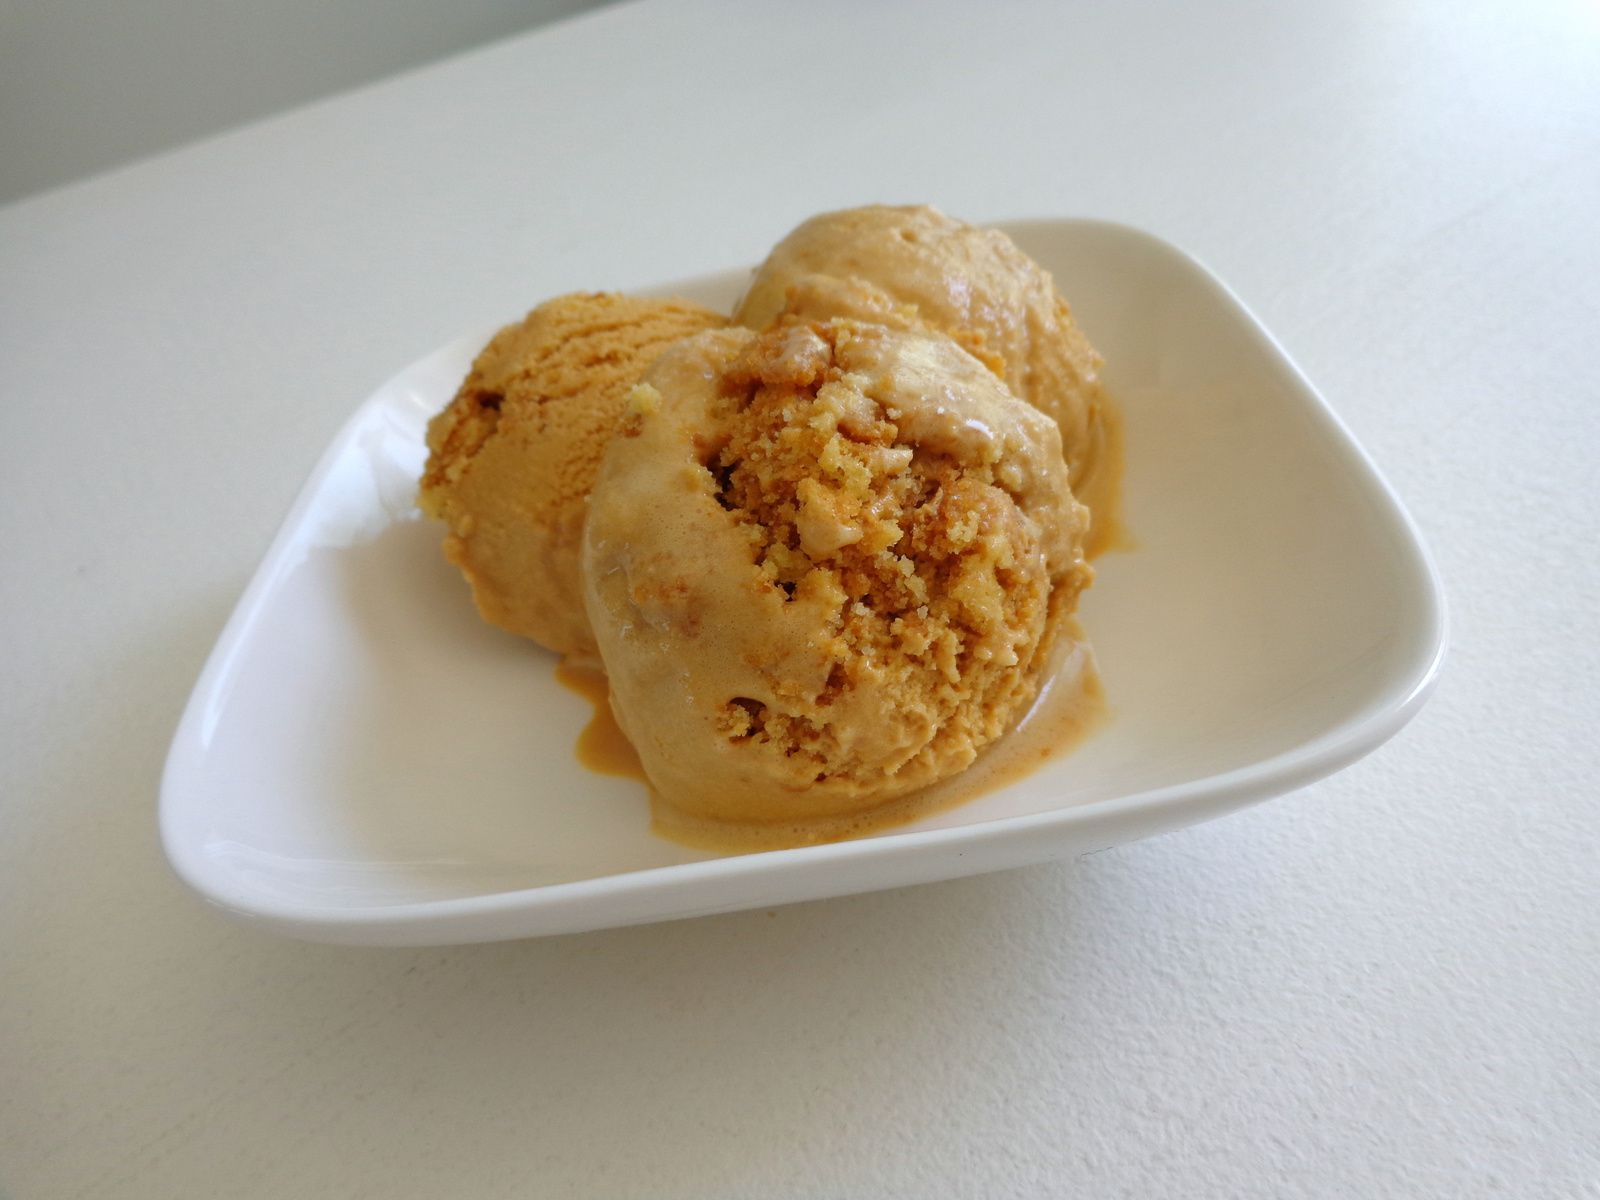 Glace au caramel au beurre salé, brisures de sablés